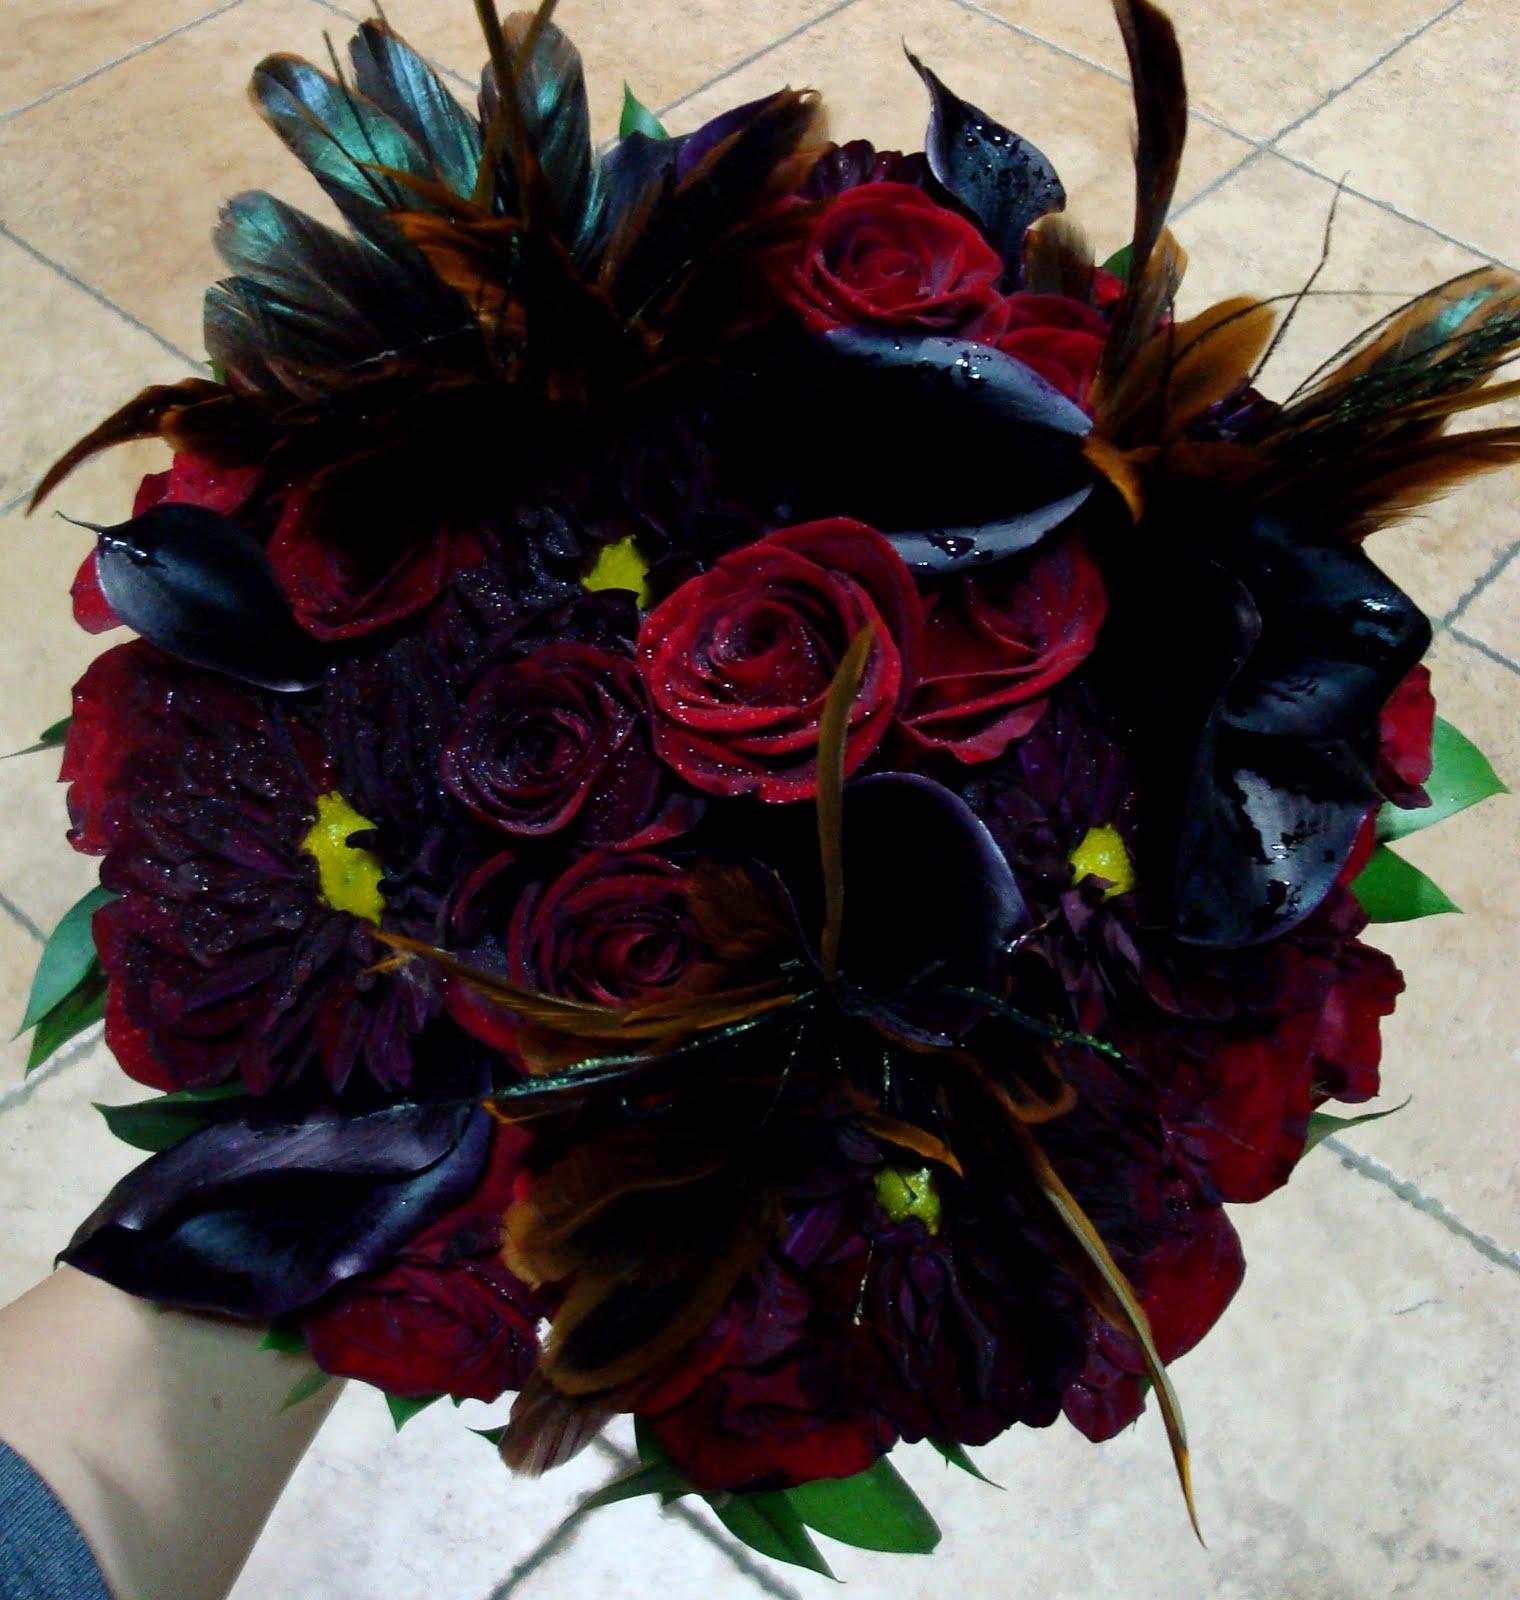 Bernardos flowers halloween wedding bouquet halloween wedding bouquet izmirmasajfo Choice Image